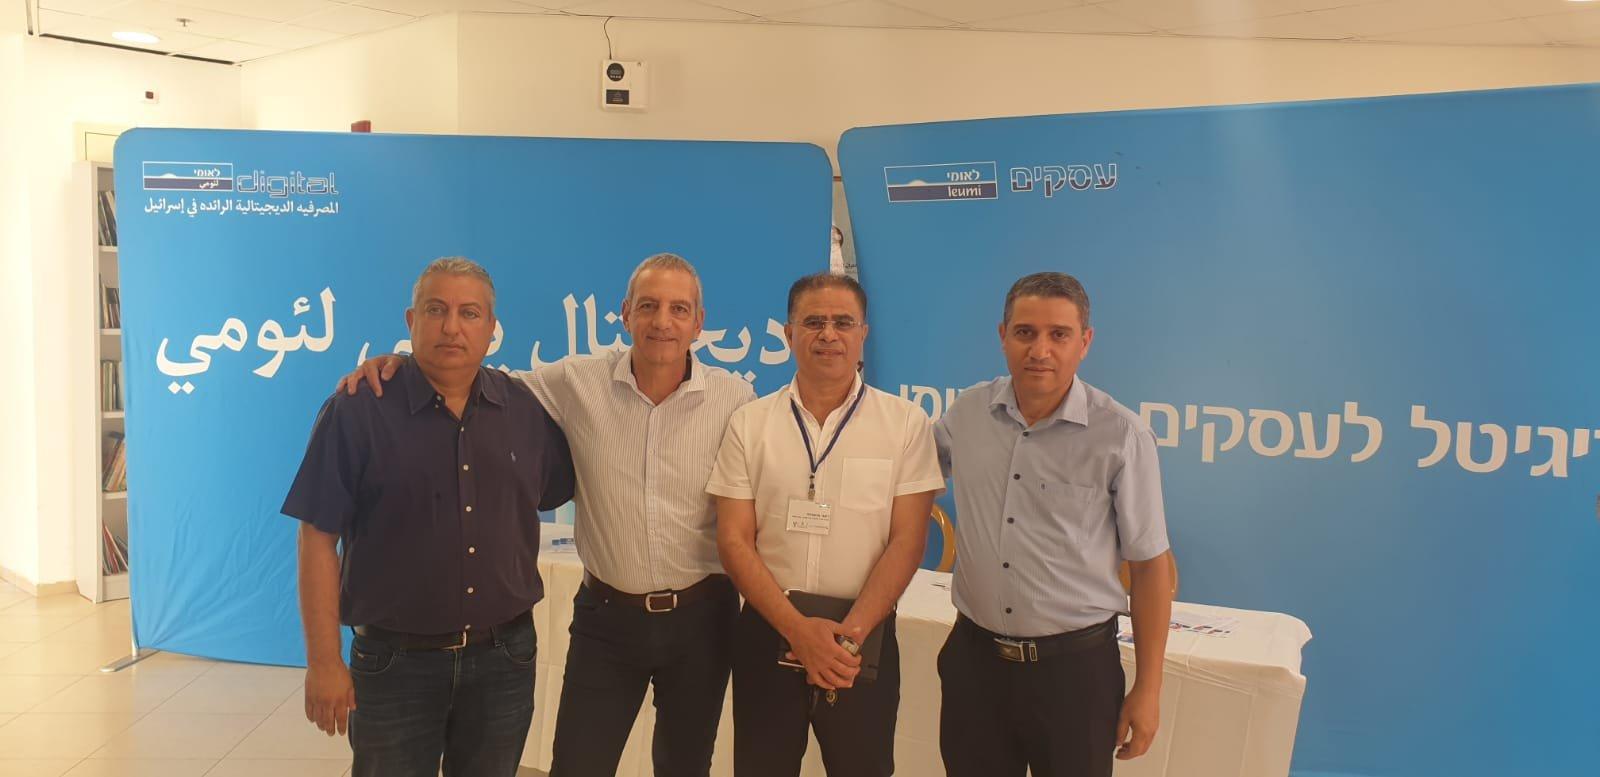 """لئومي يواصل تعزيز نشاطاته في المجتمع العربي ويشارك في """"مؤتمر ريادة الأعمال 2021 """" في أم الفحم-0"""